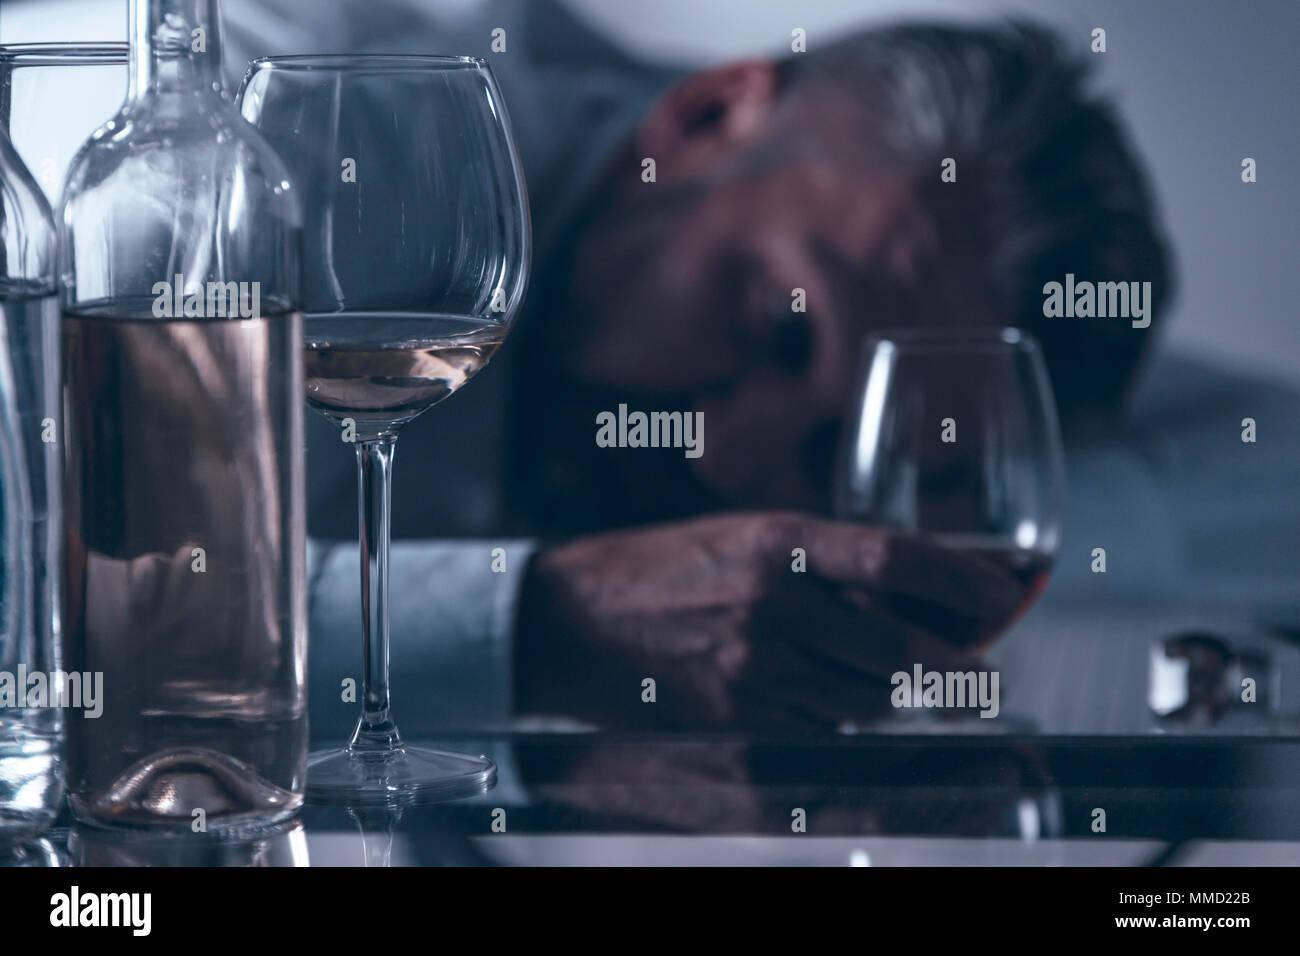 Nahaufnahme eines betrunkenen verzweifelten Mann mittleren Alters saß an dem Tisch hinter Flaschen und Gläser mit Alkohol Stockbild